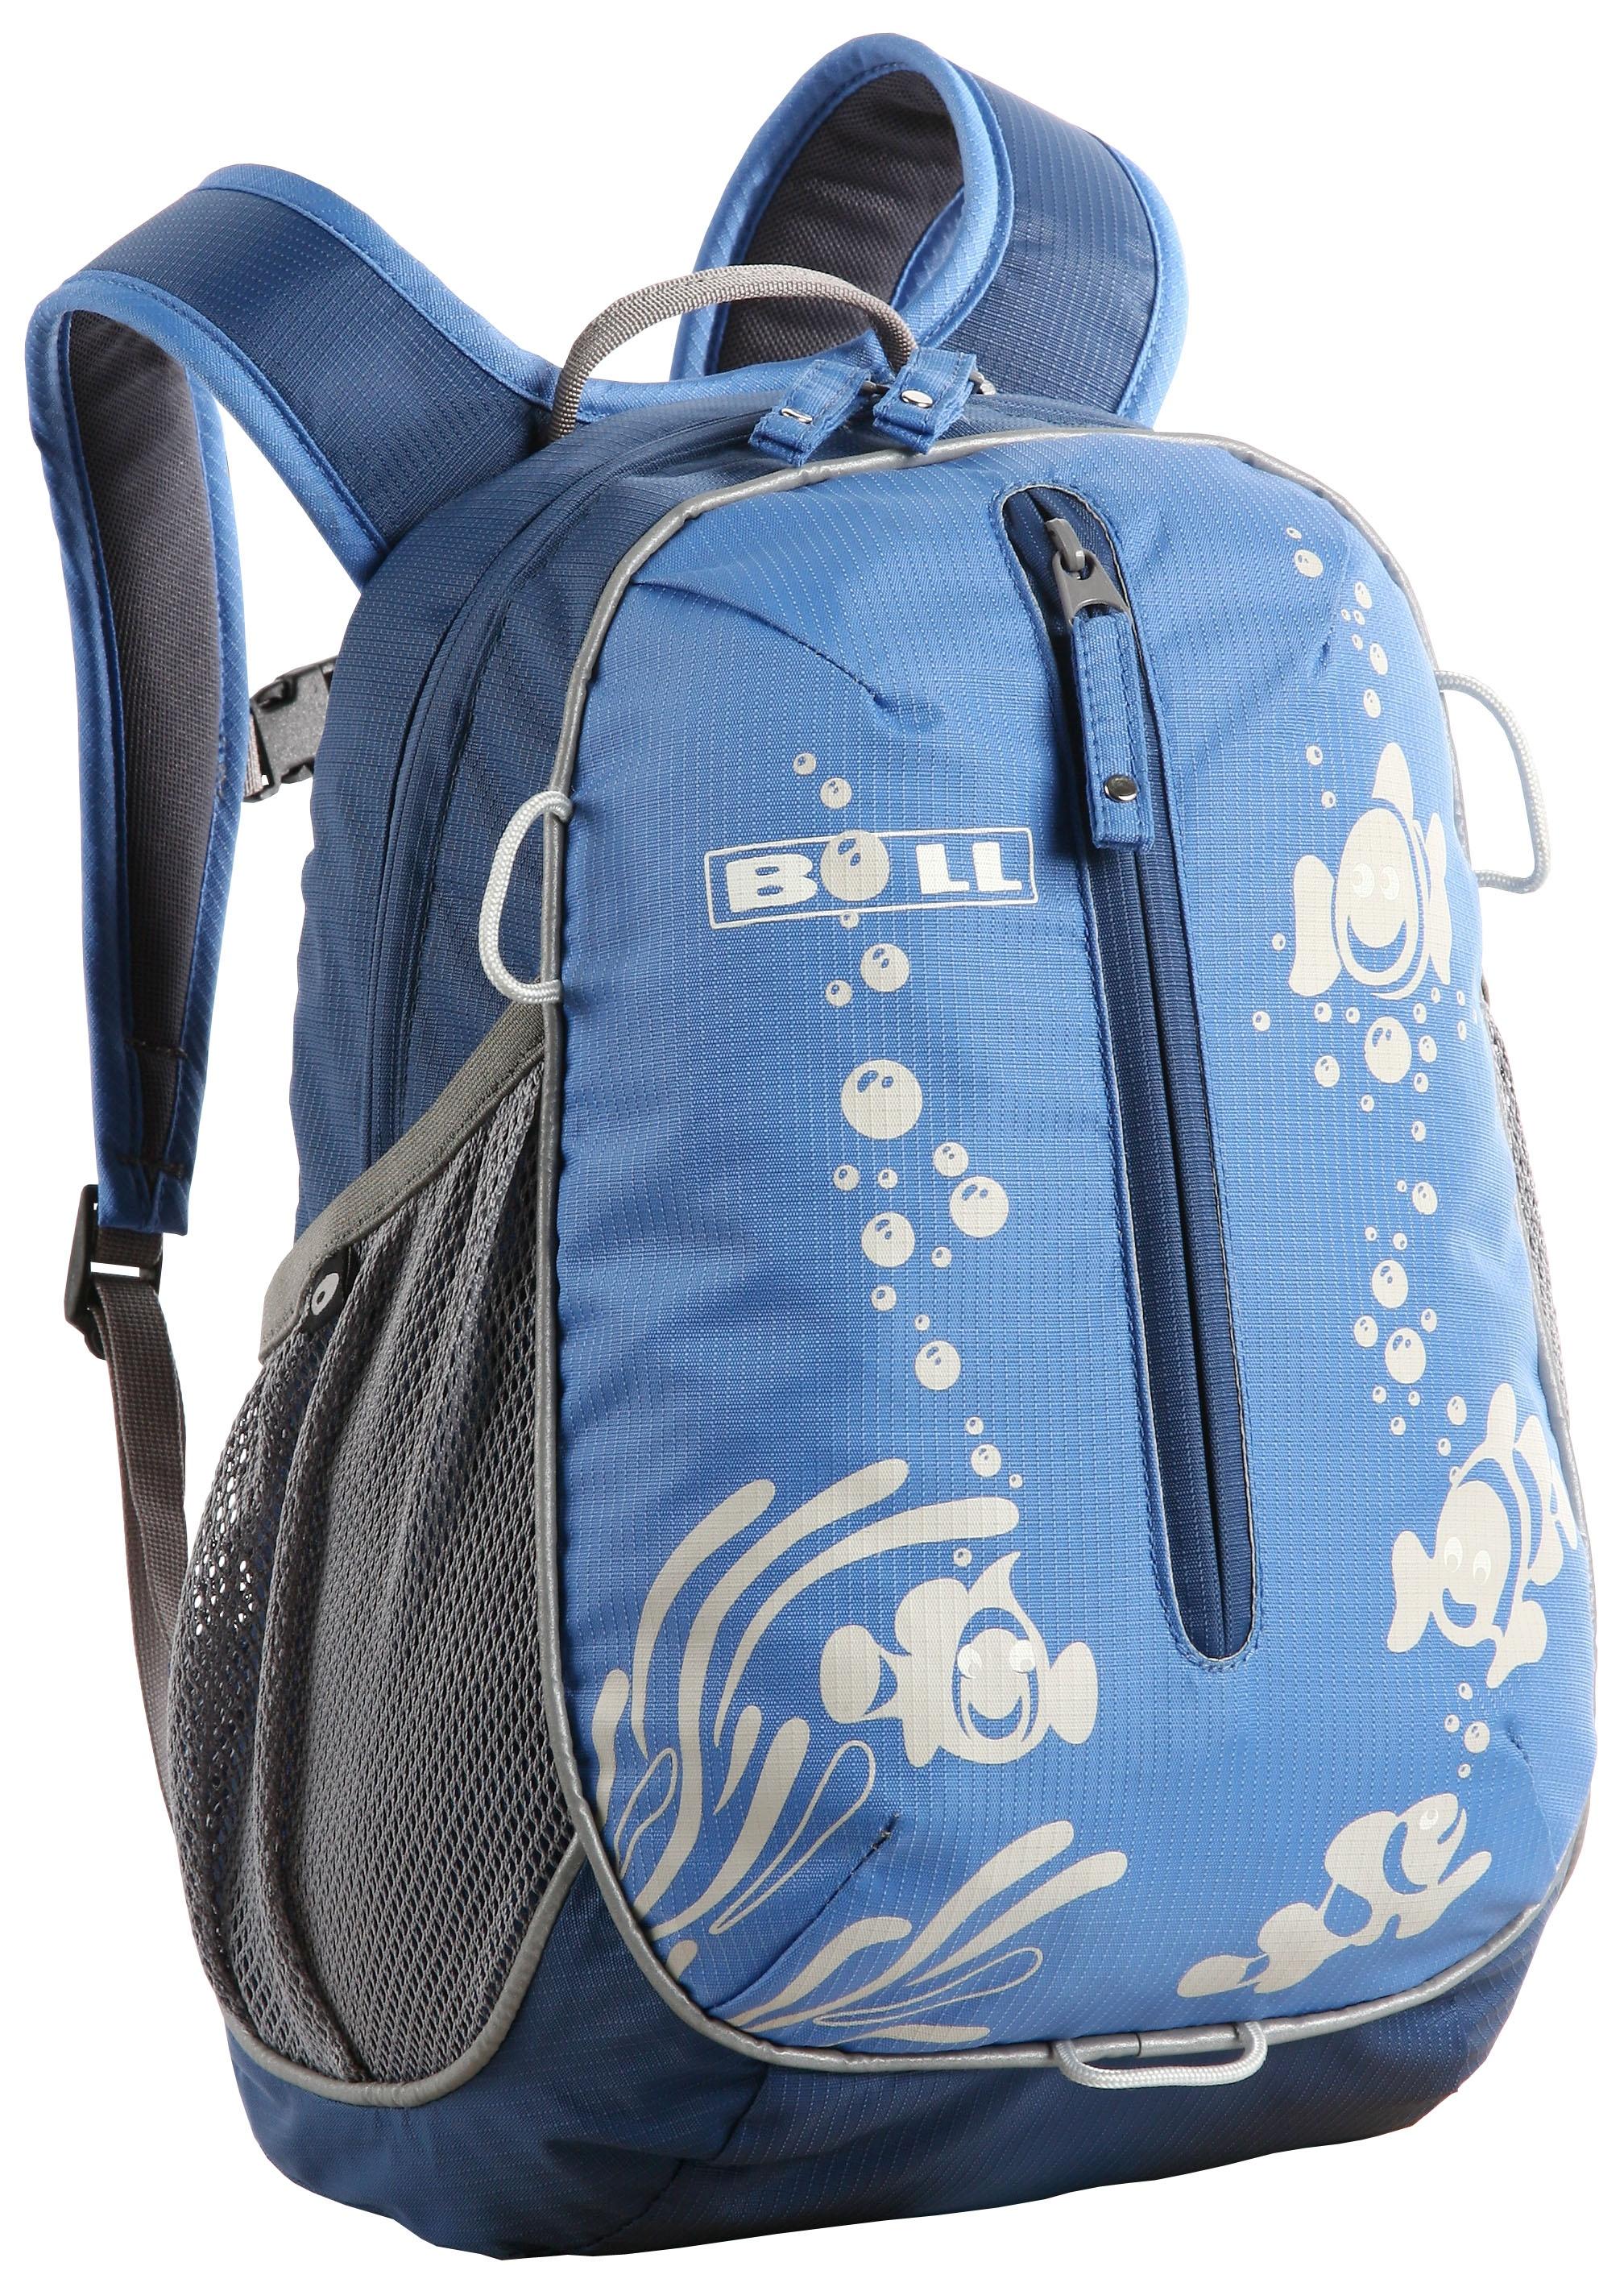 dětský batoh Boll Roo azure